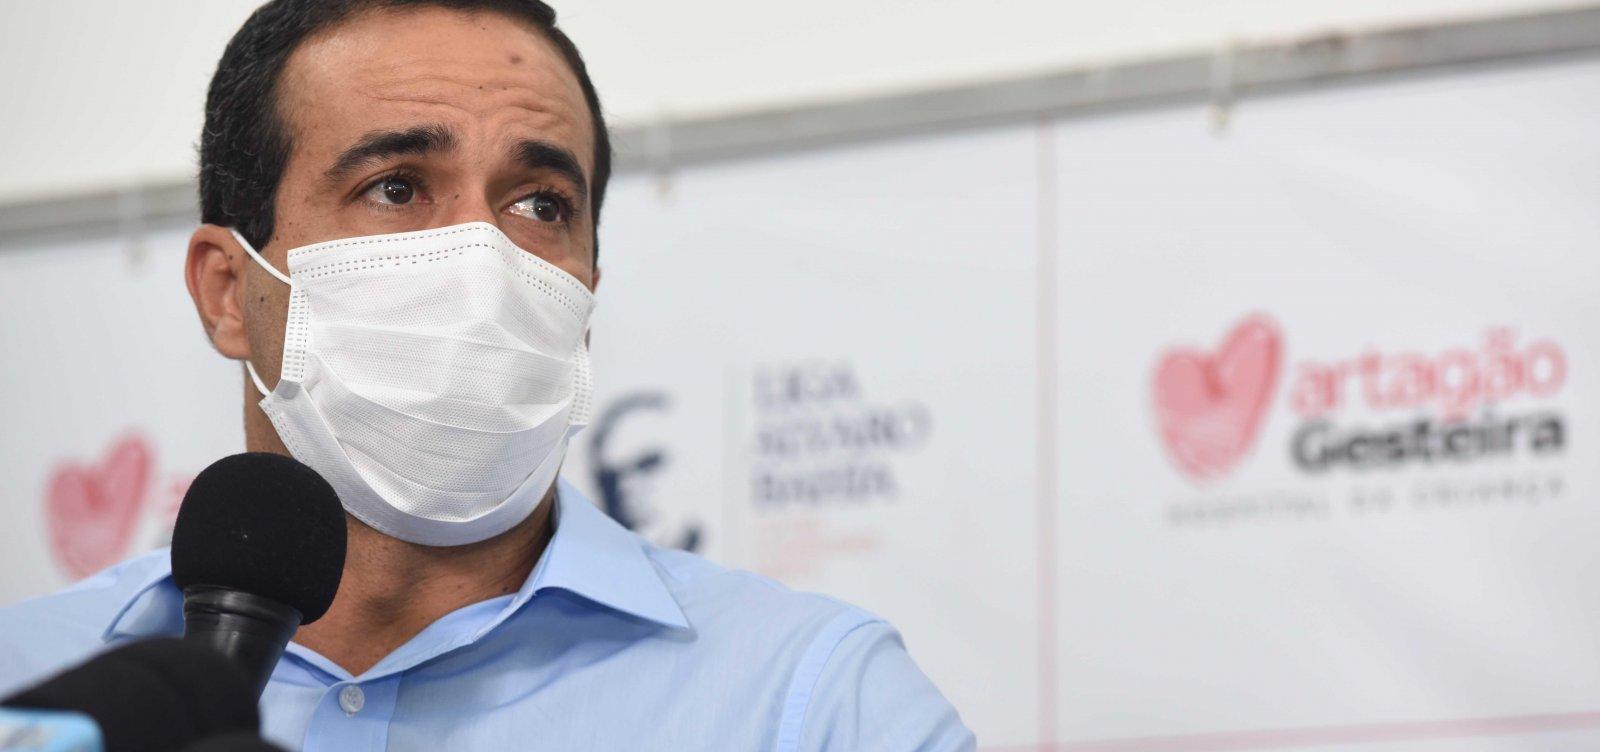 Municípios não têm condições de subsidiar transporte público, diz Bruno Reis